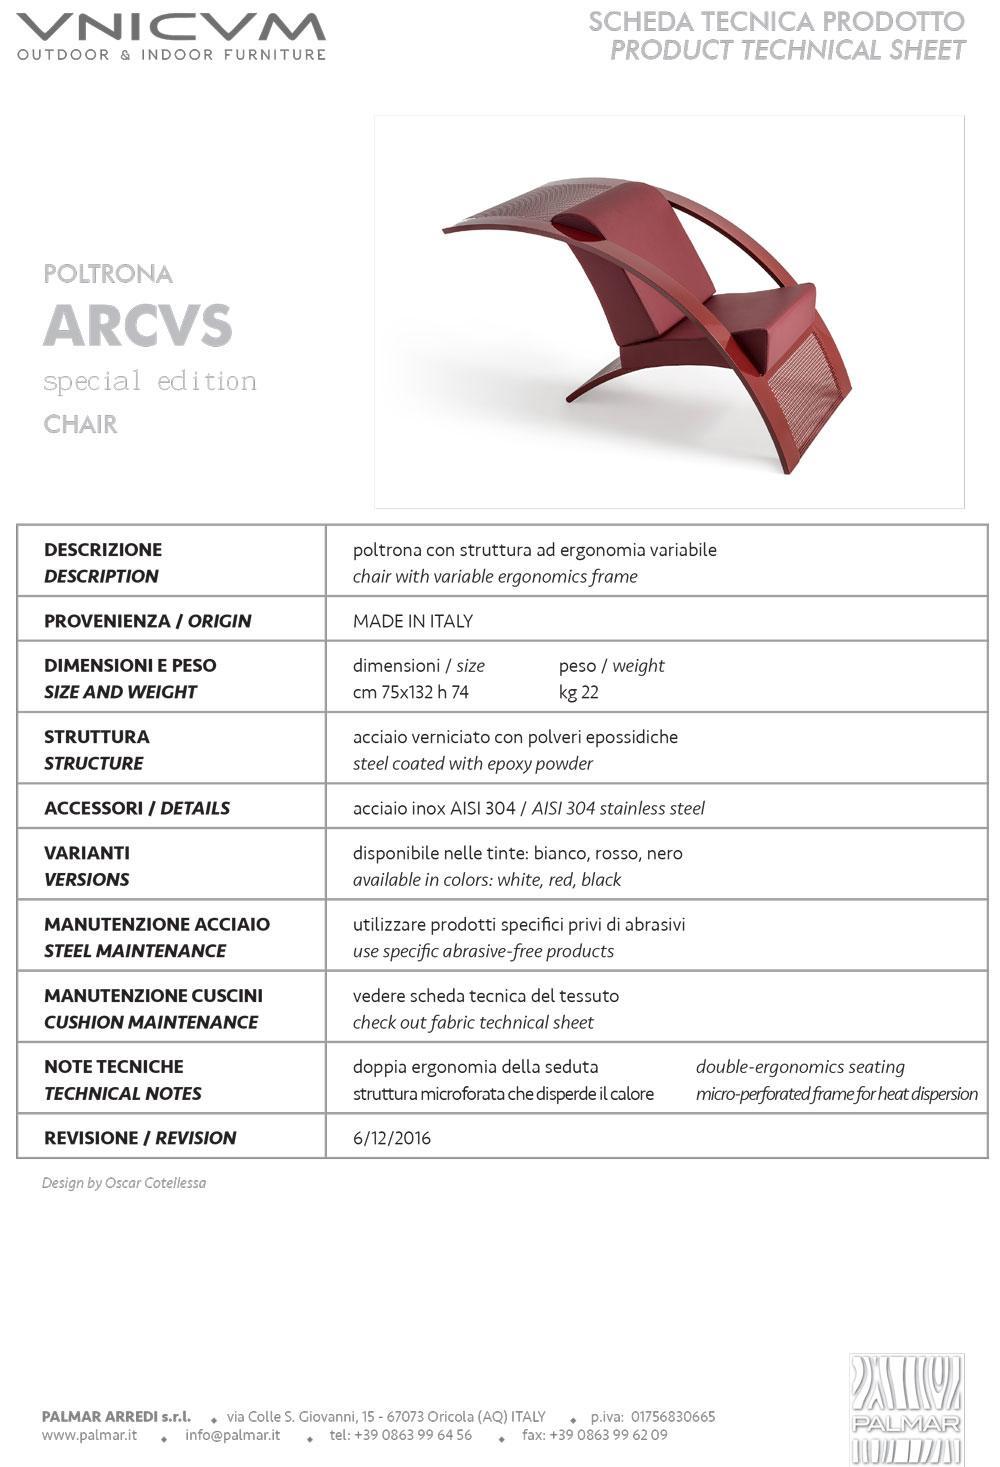 scheda tecnica VNICVM ARCVS special edition